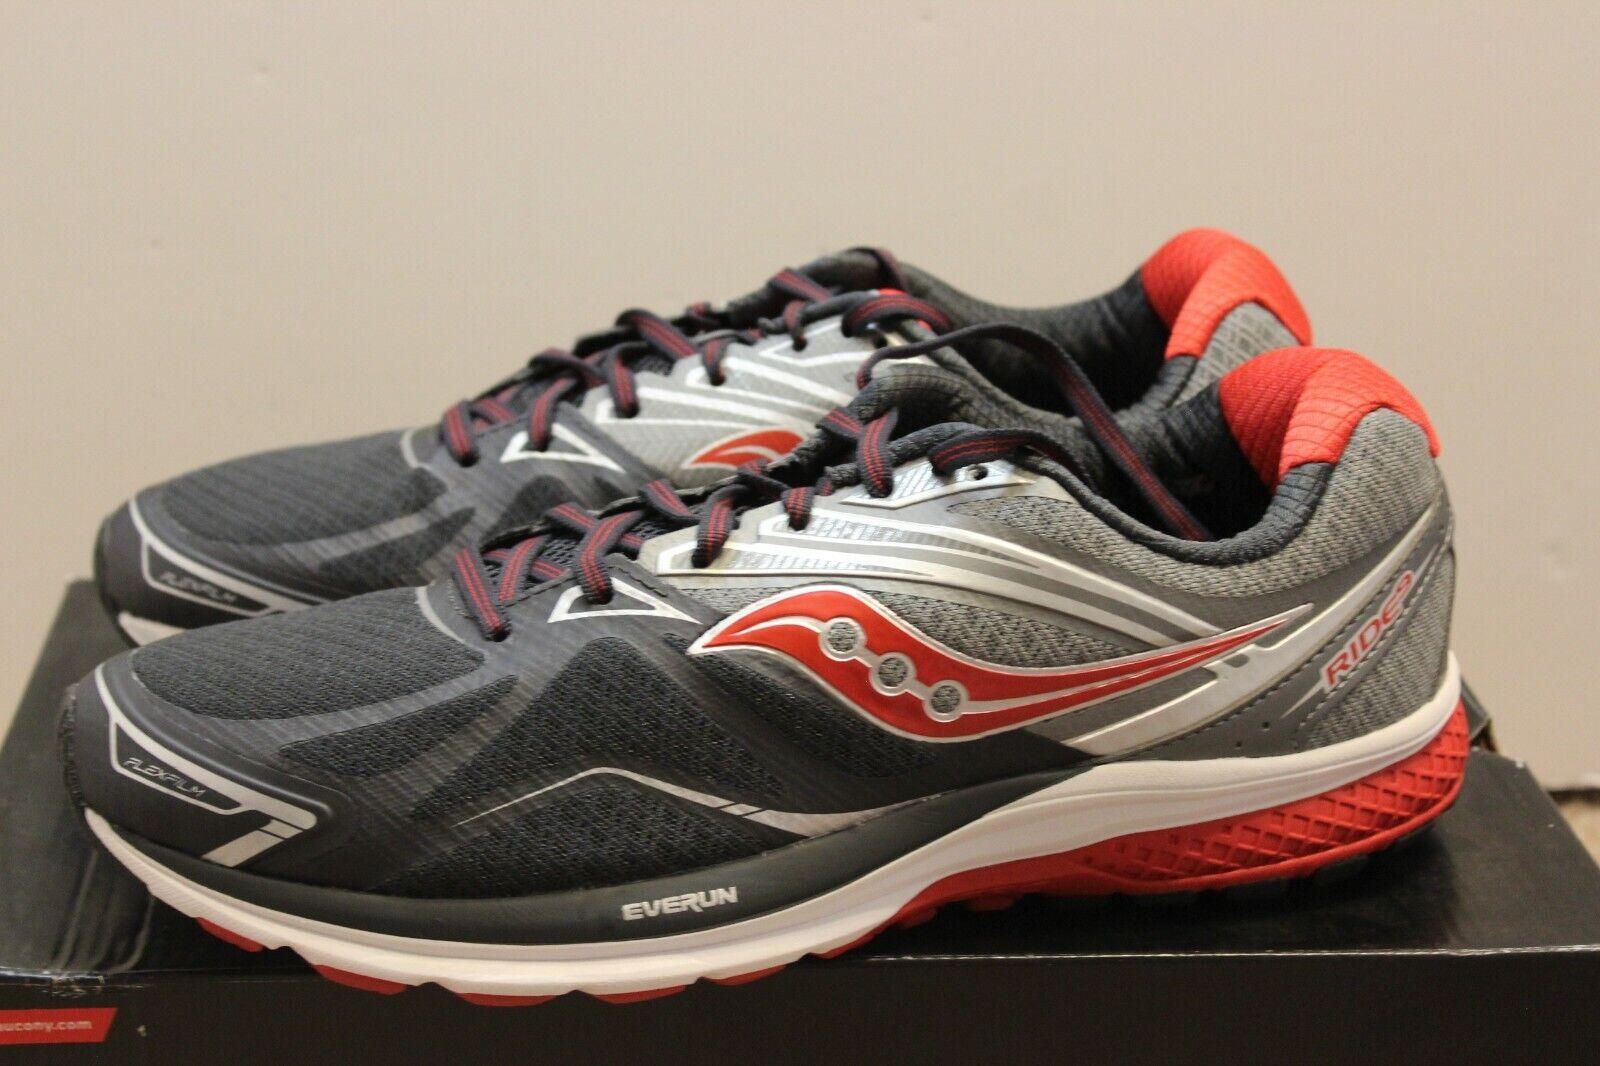 Saucony Ride 9 para hombres Zapatos tenis De Correr gris Carbón Rojo